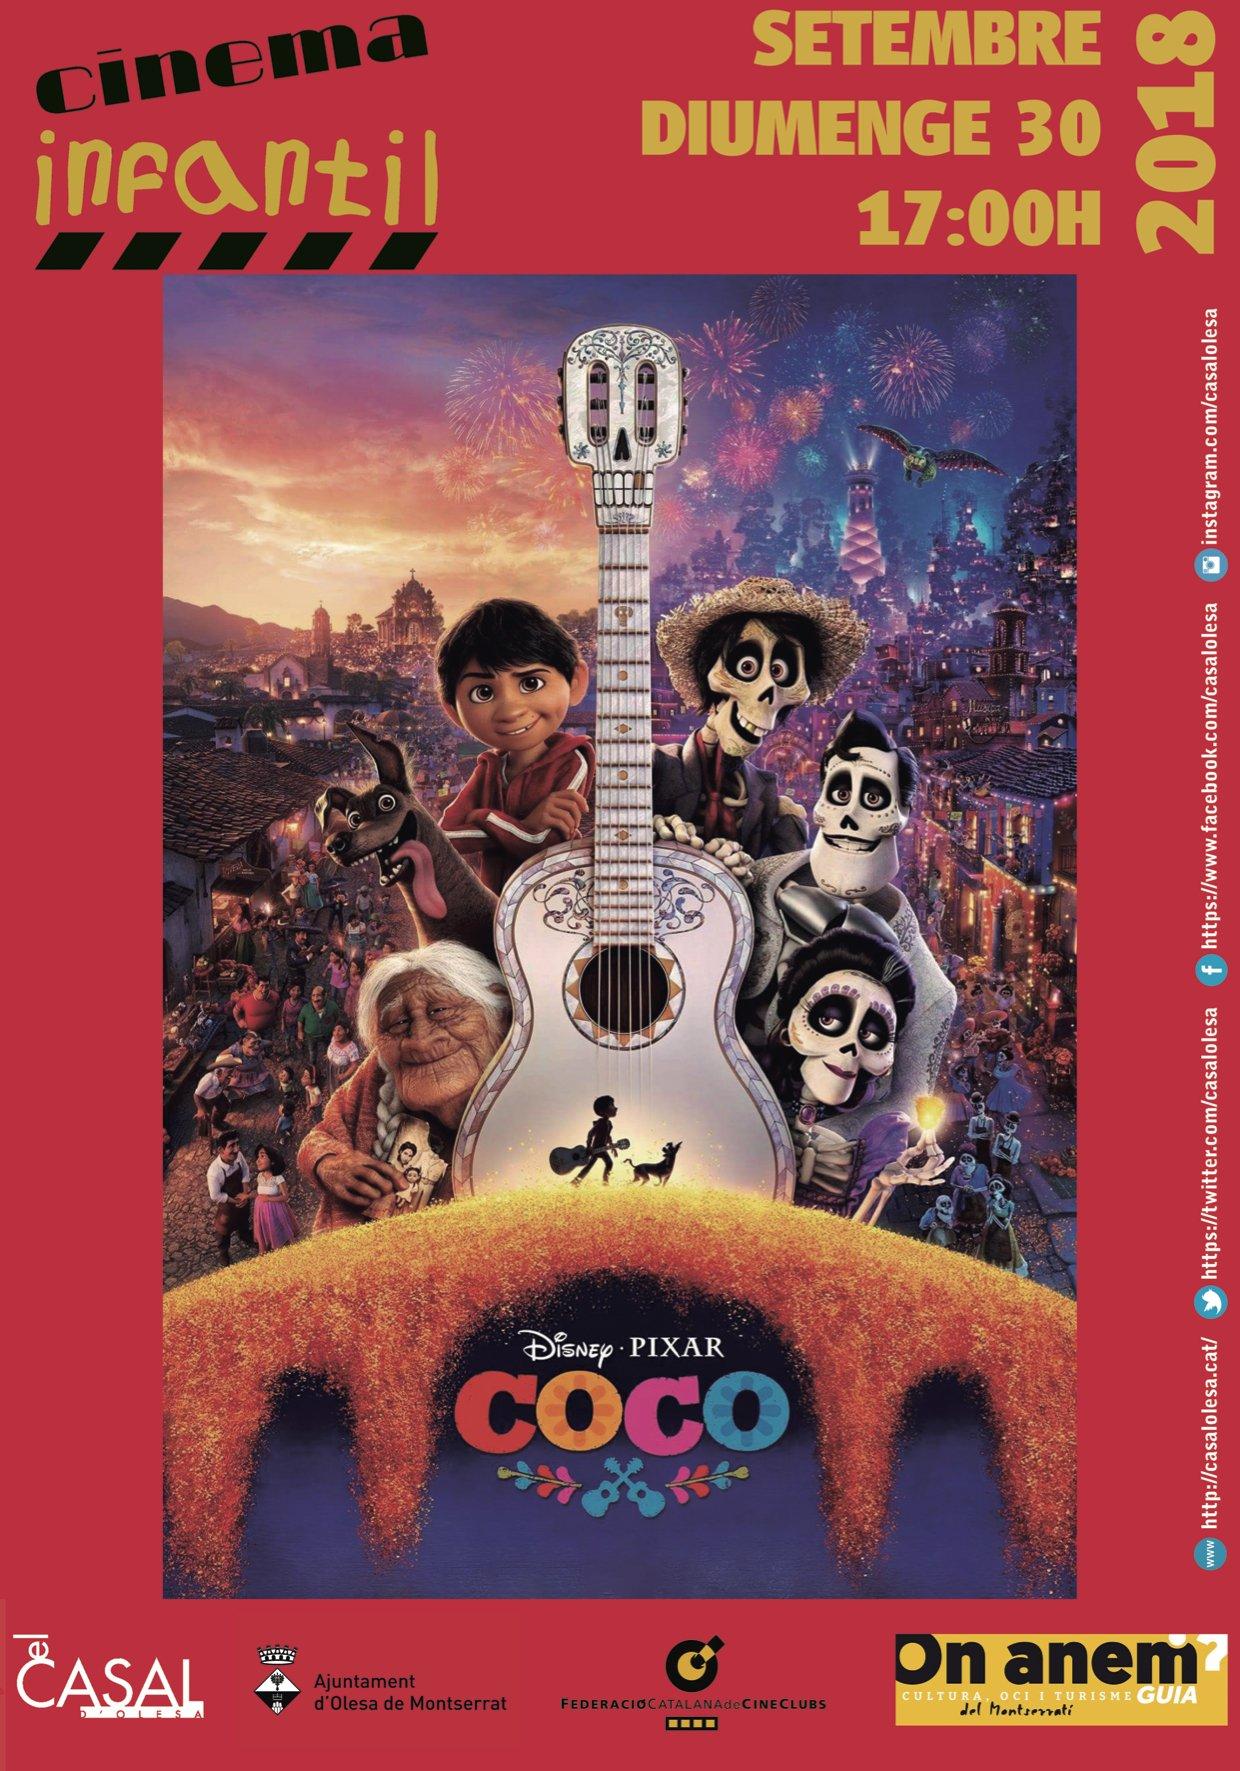 El cine d'aquest mes… per menjar-se molt el coco!